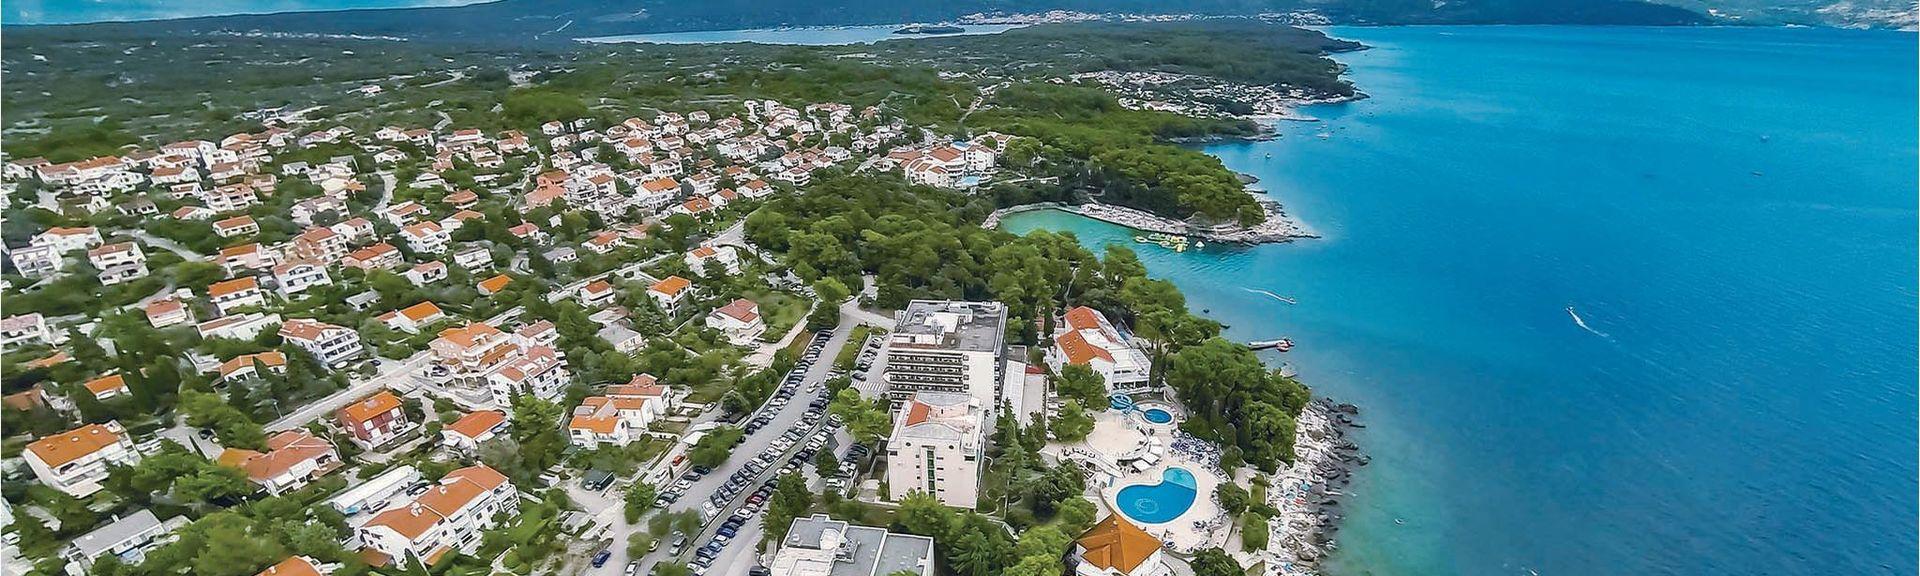 Sveti Ivan Dobrinjski, Croatia